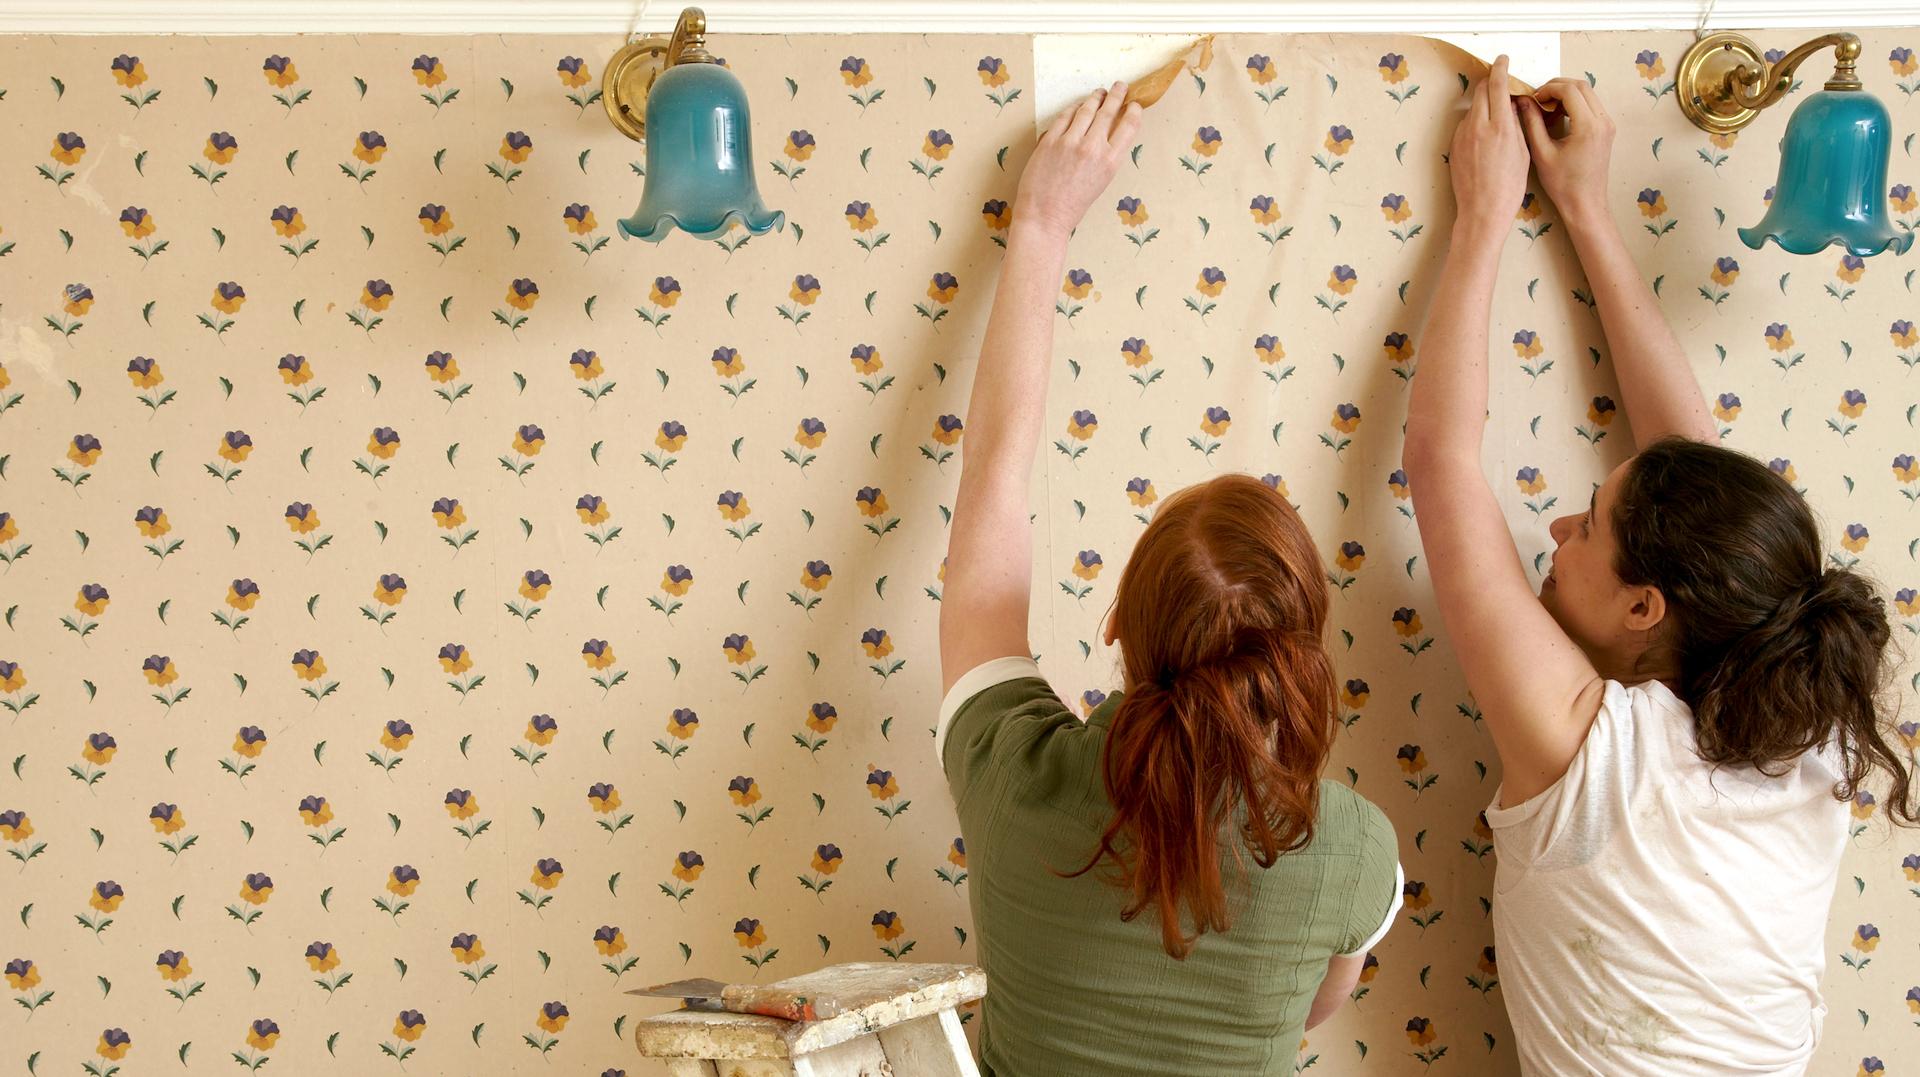 Wallpaper Removal Hacks That Make A Tough Job Easier SheKnows